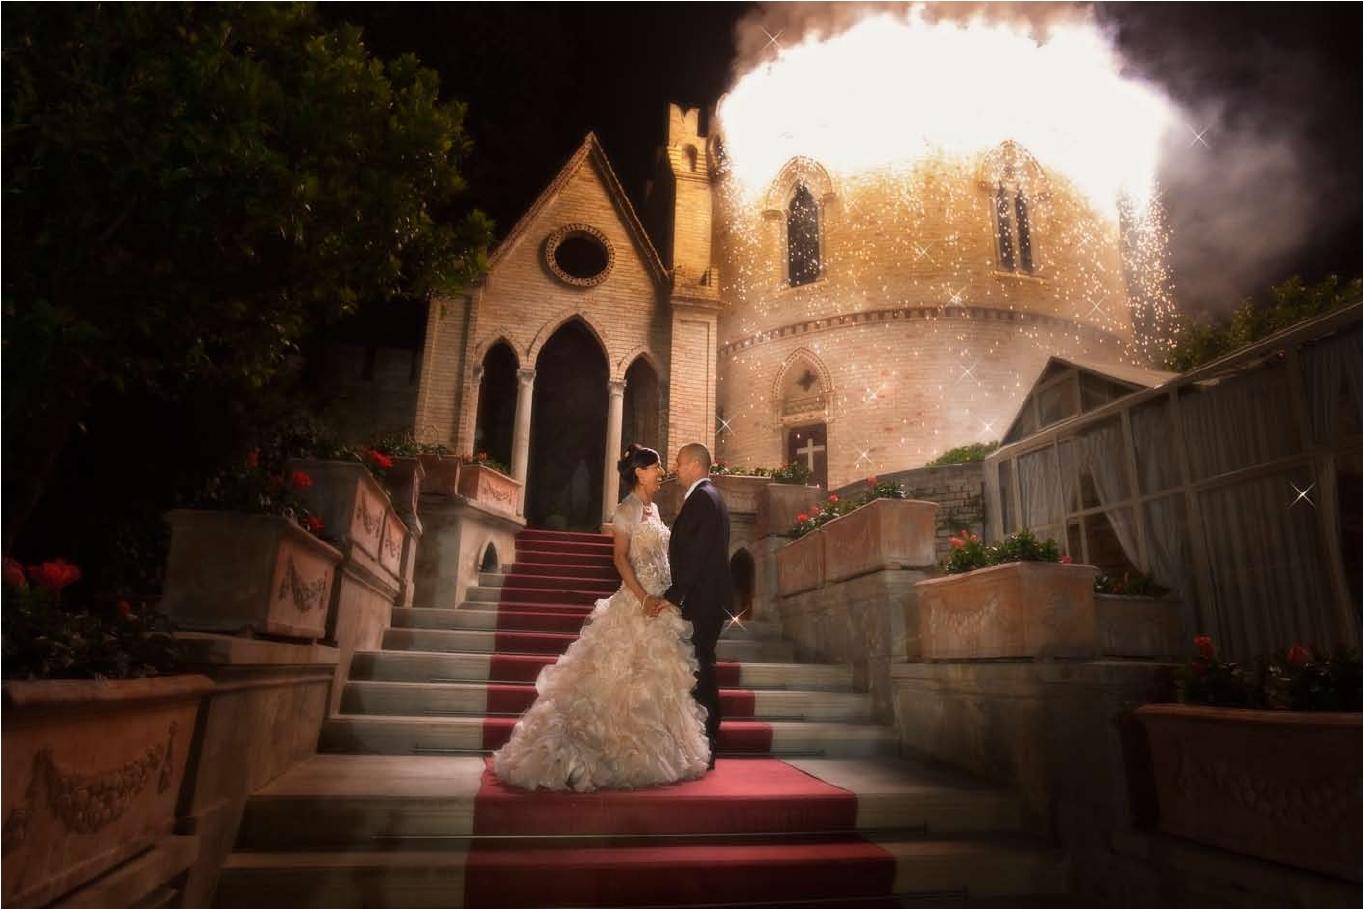 Matrimonio In Italia Con Cittadini Stranieri : Un matrimonio da favola aranciaecannella wedding